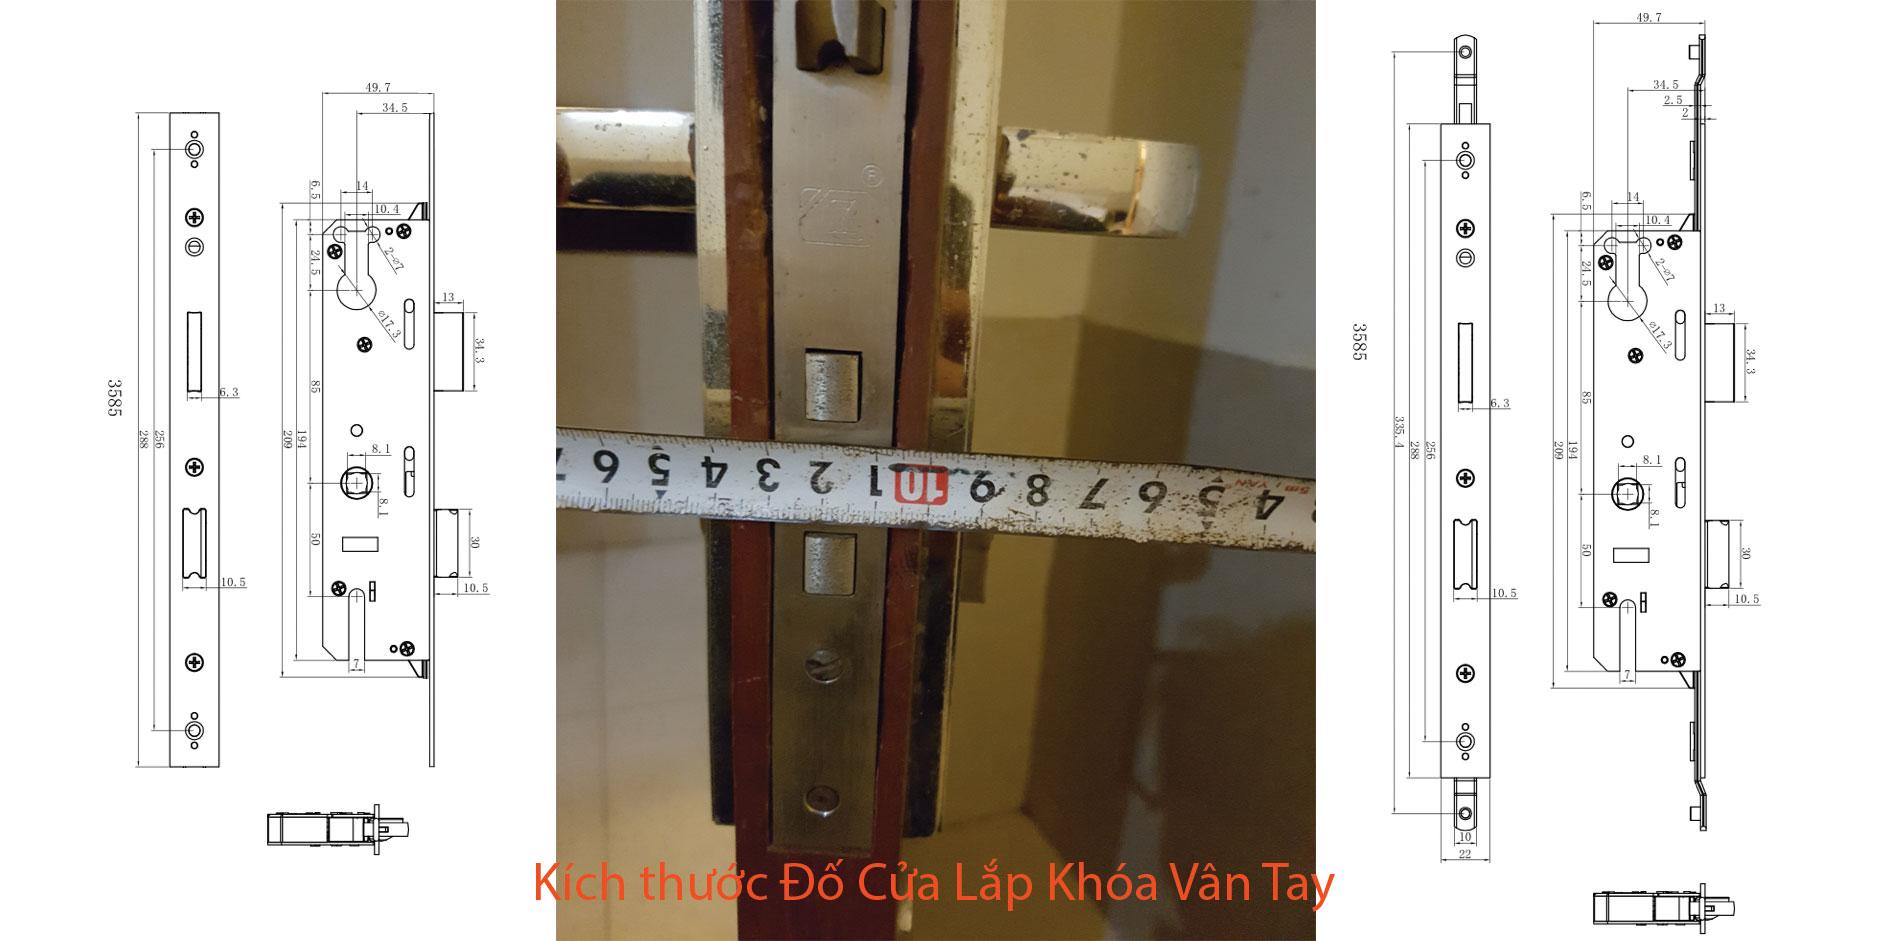 điều kiện lắp khóa cửa từ, điều kiện lắp khóa cửa thông minh, lắp khóa cửa từ thông minh khi nào,kỹ thuật lắp khóa cửa thông minh, lắp khóa cửa thông minh có khó không